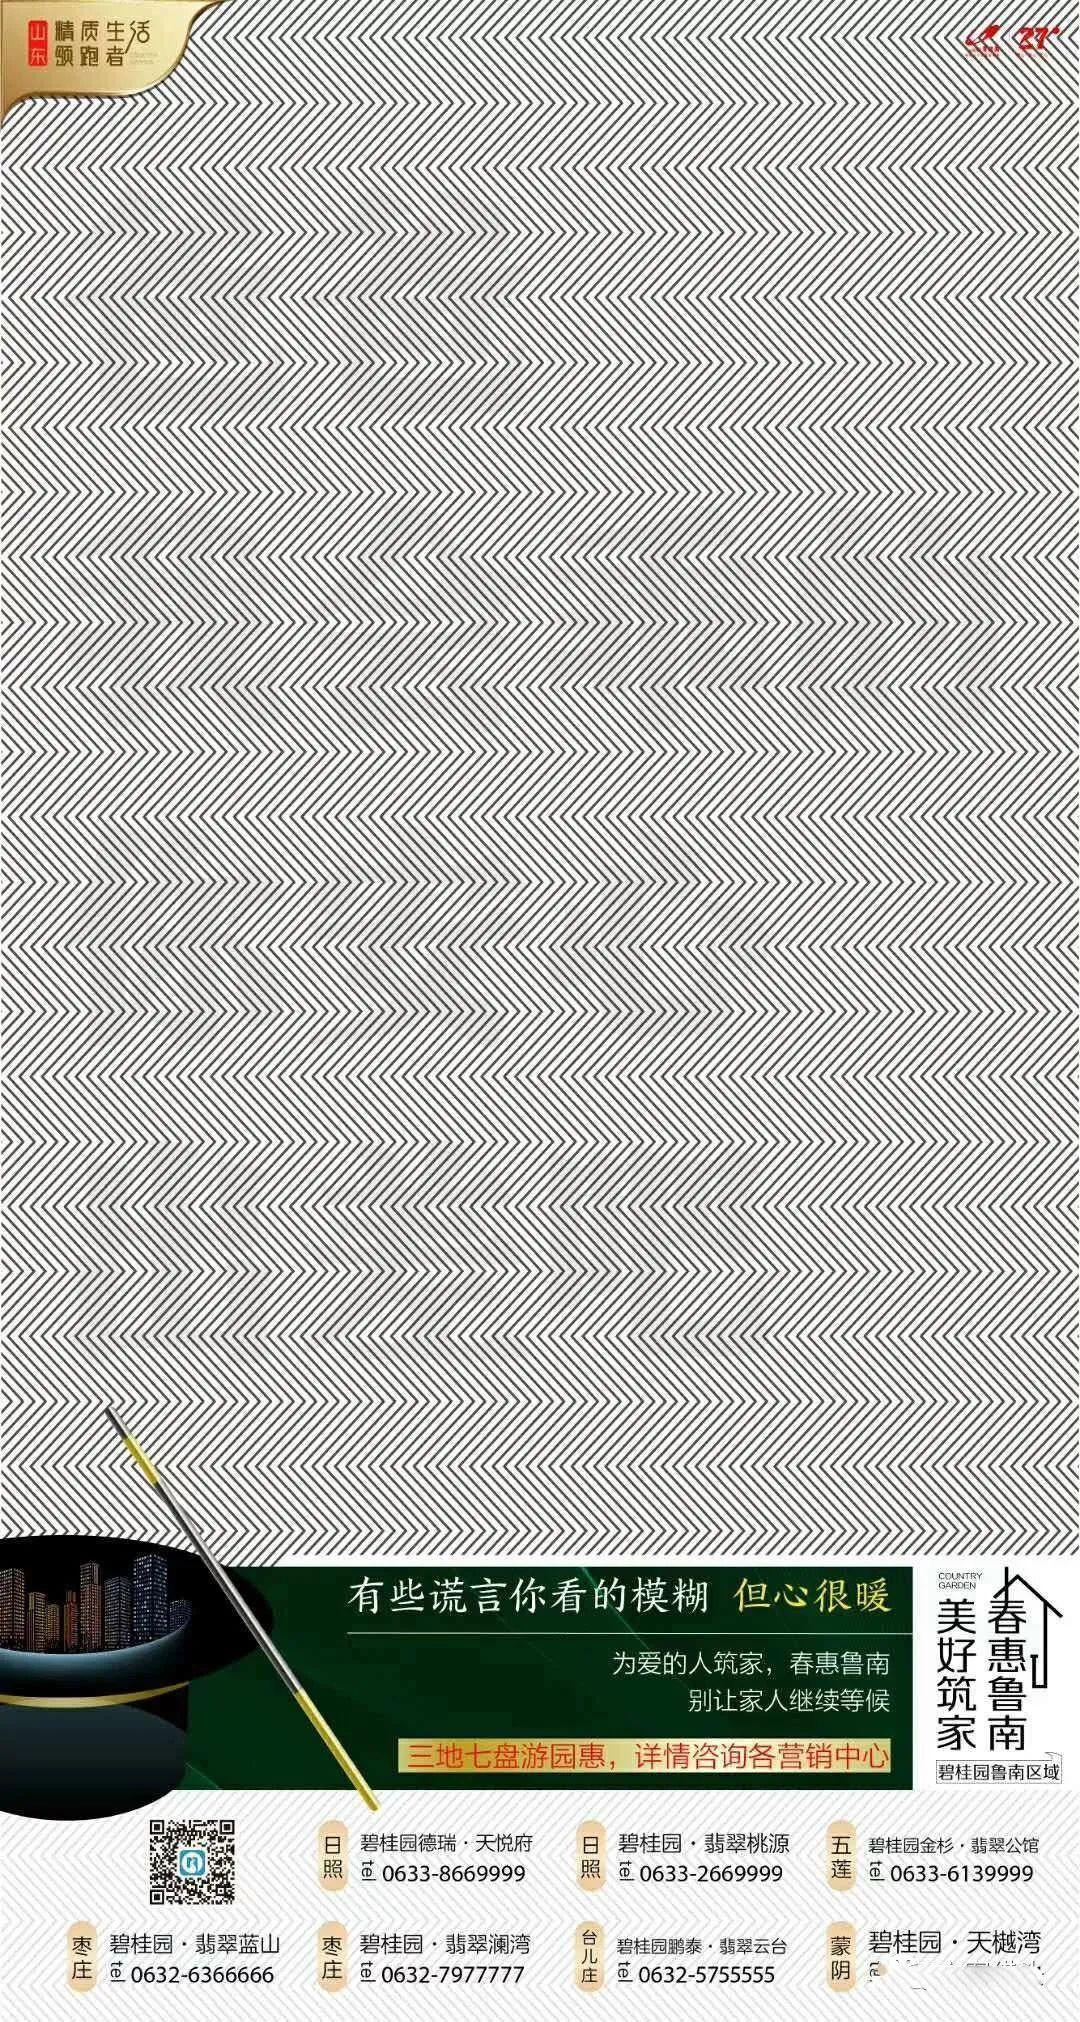 愚人节品牌借势海报文案,很全,没骗你!插图43